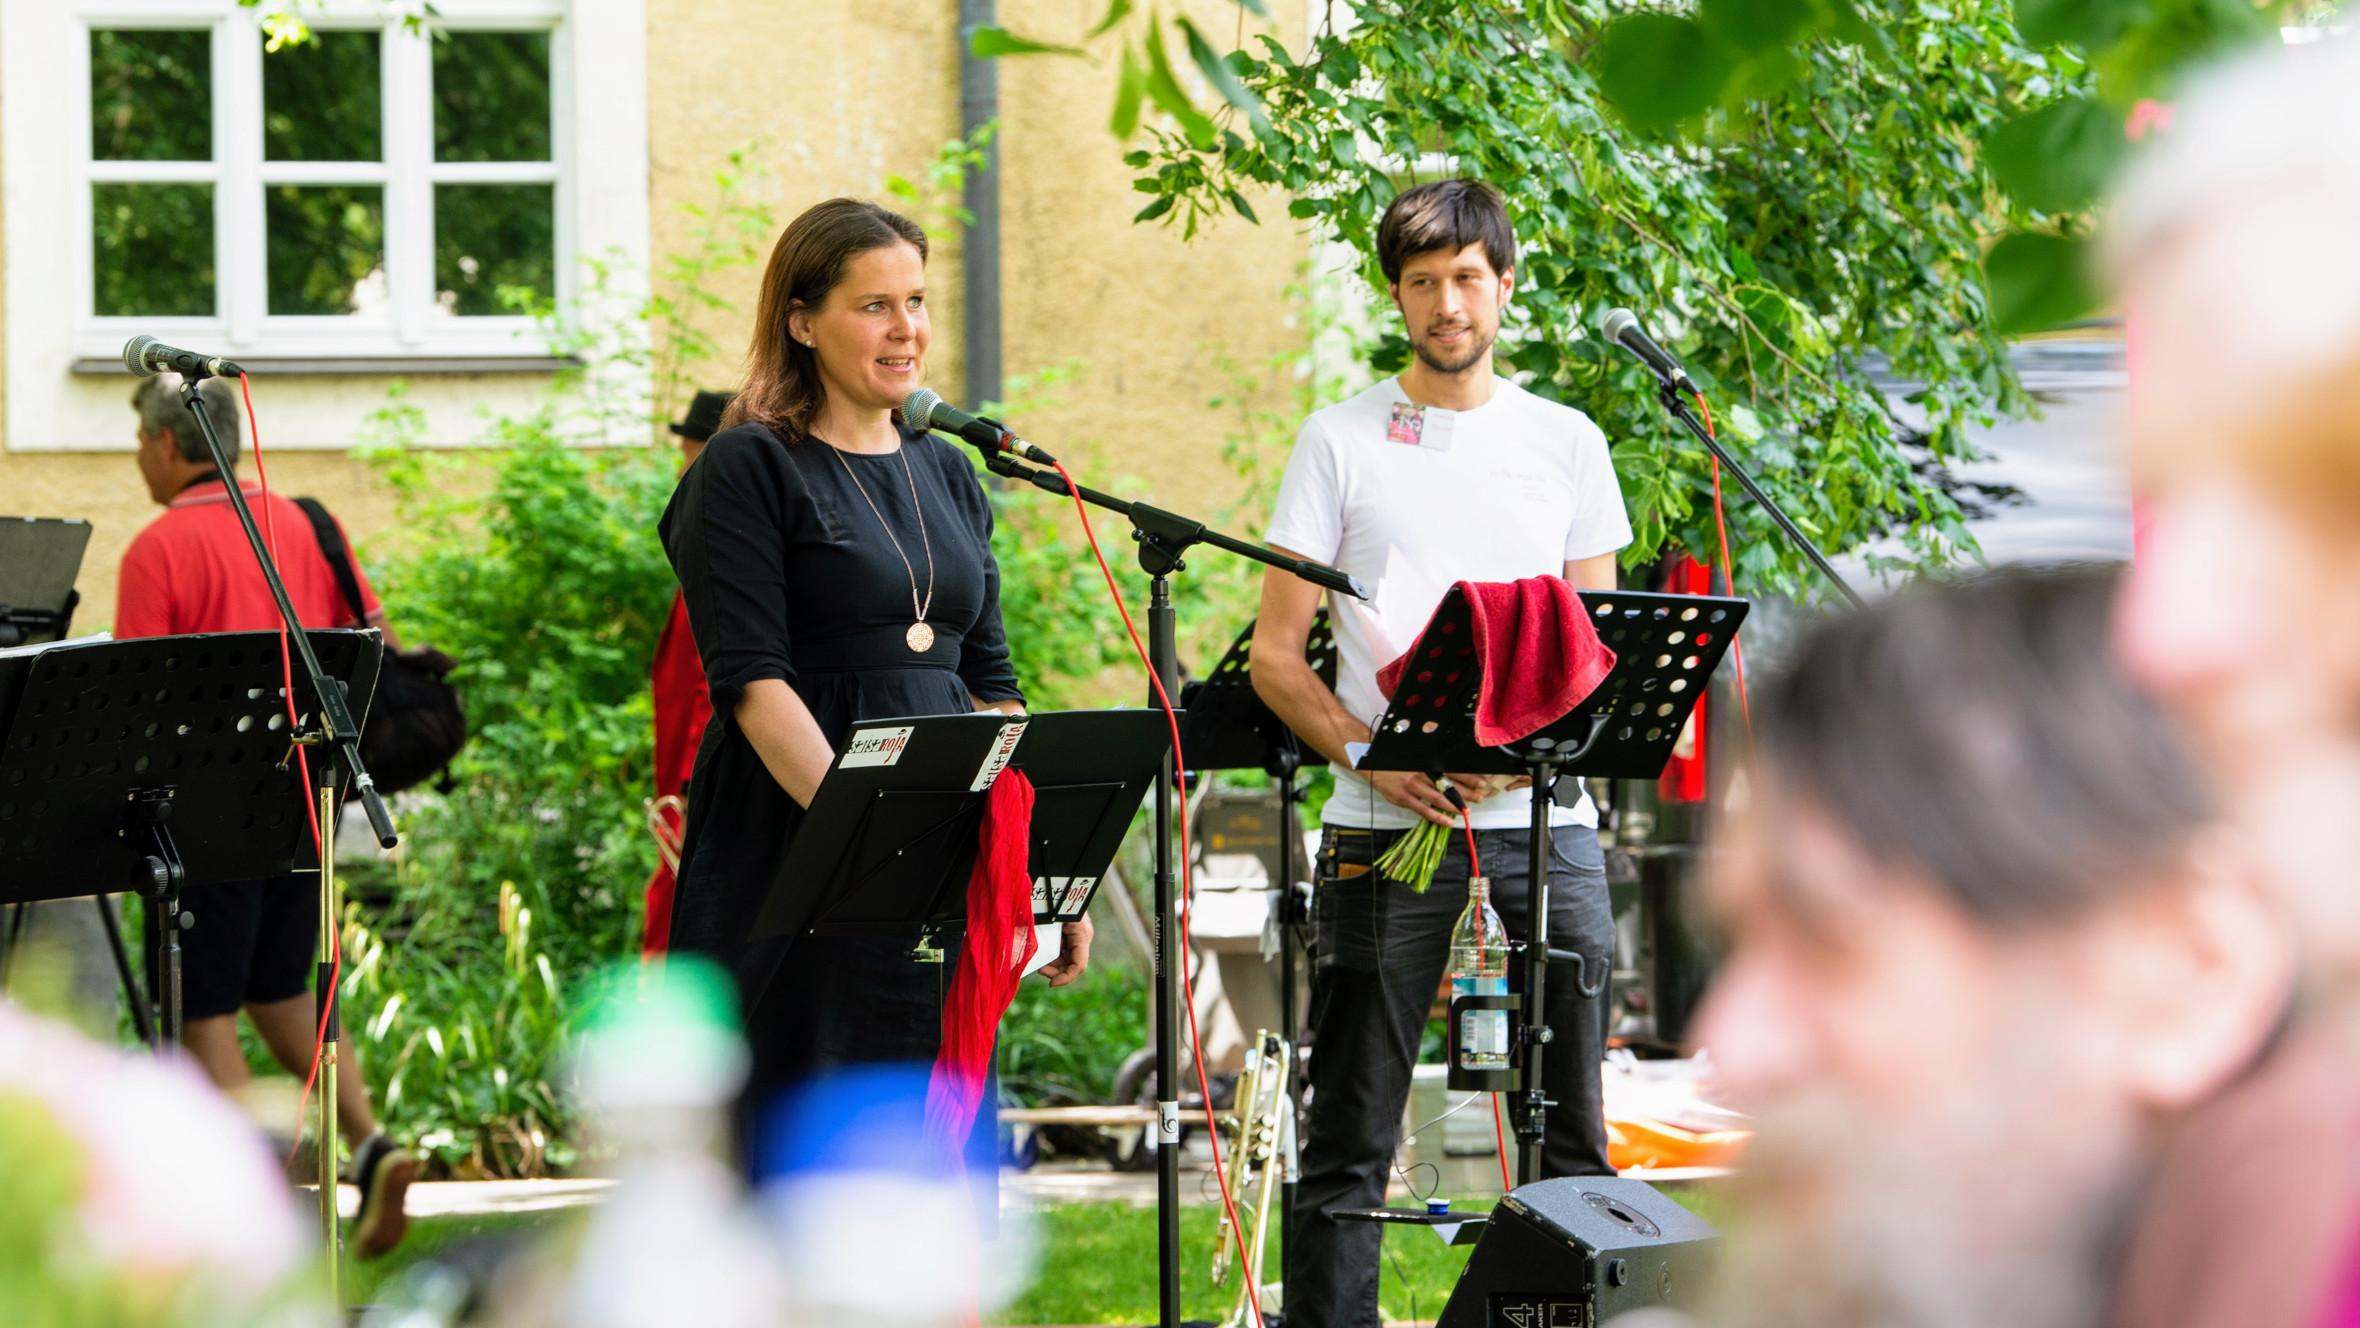 Bürgermeisterin Verena Dietl richtet im Rahmen des Hofkonzertes ein Grußwort der Stadt München an die Bewohner*innen des MÜNCHENSTIFT-Hauses St. Josef.